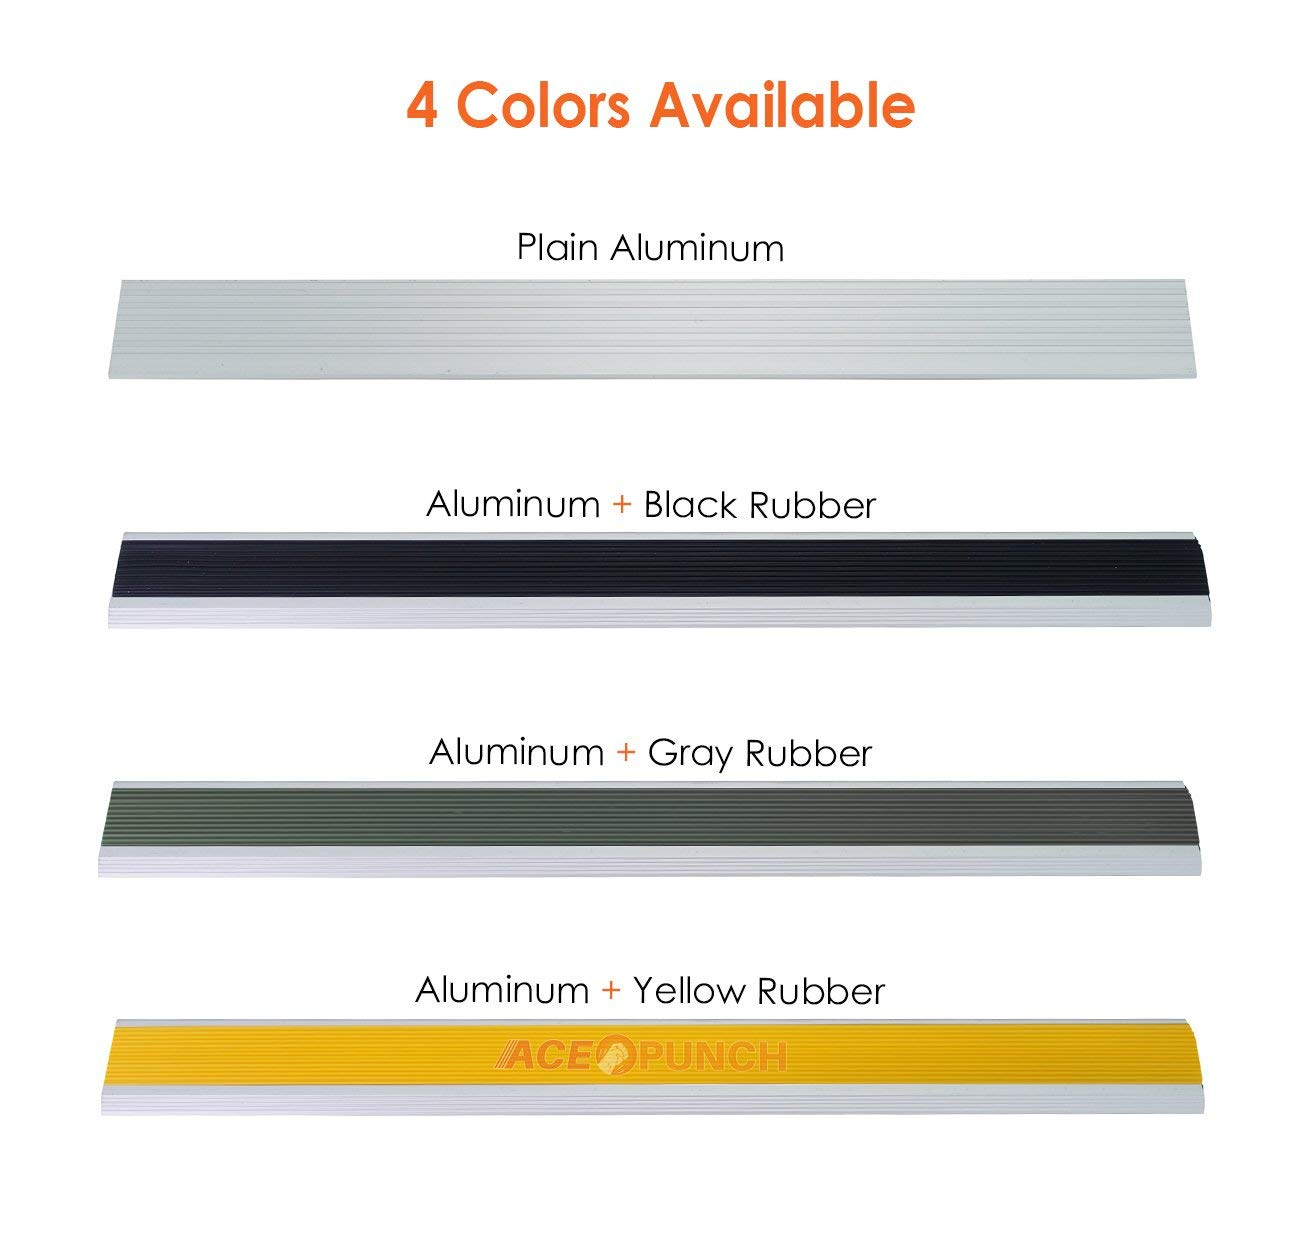 19.7 X 2 X 0.8 Inches Nez De Marche En Aluminium avec caoutchouc noir AP1180 Acepunch New Produits De Construction Descalier En Aluminium Marche descalier 50 X 5 X 2 cm